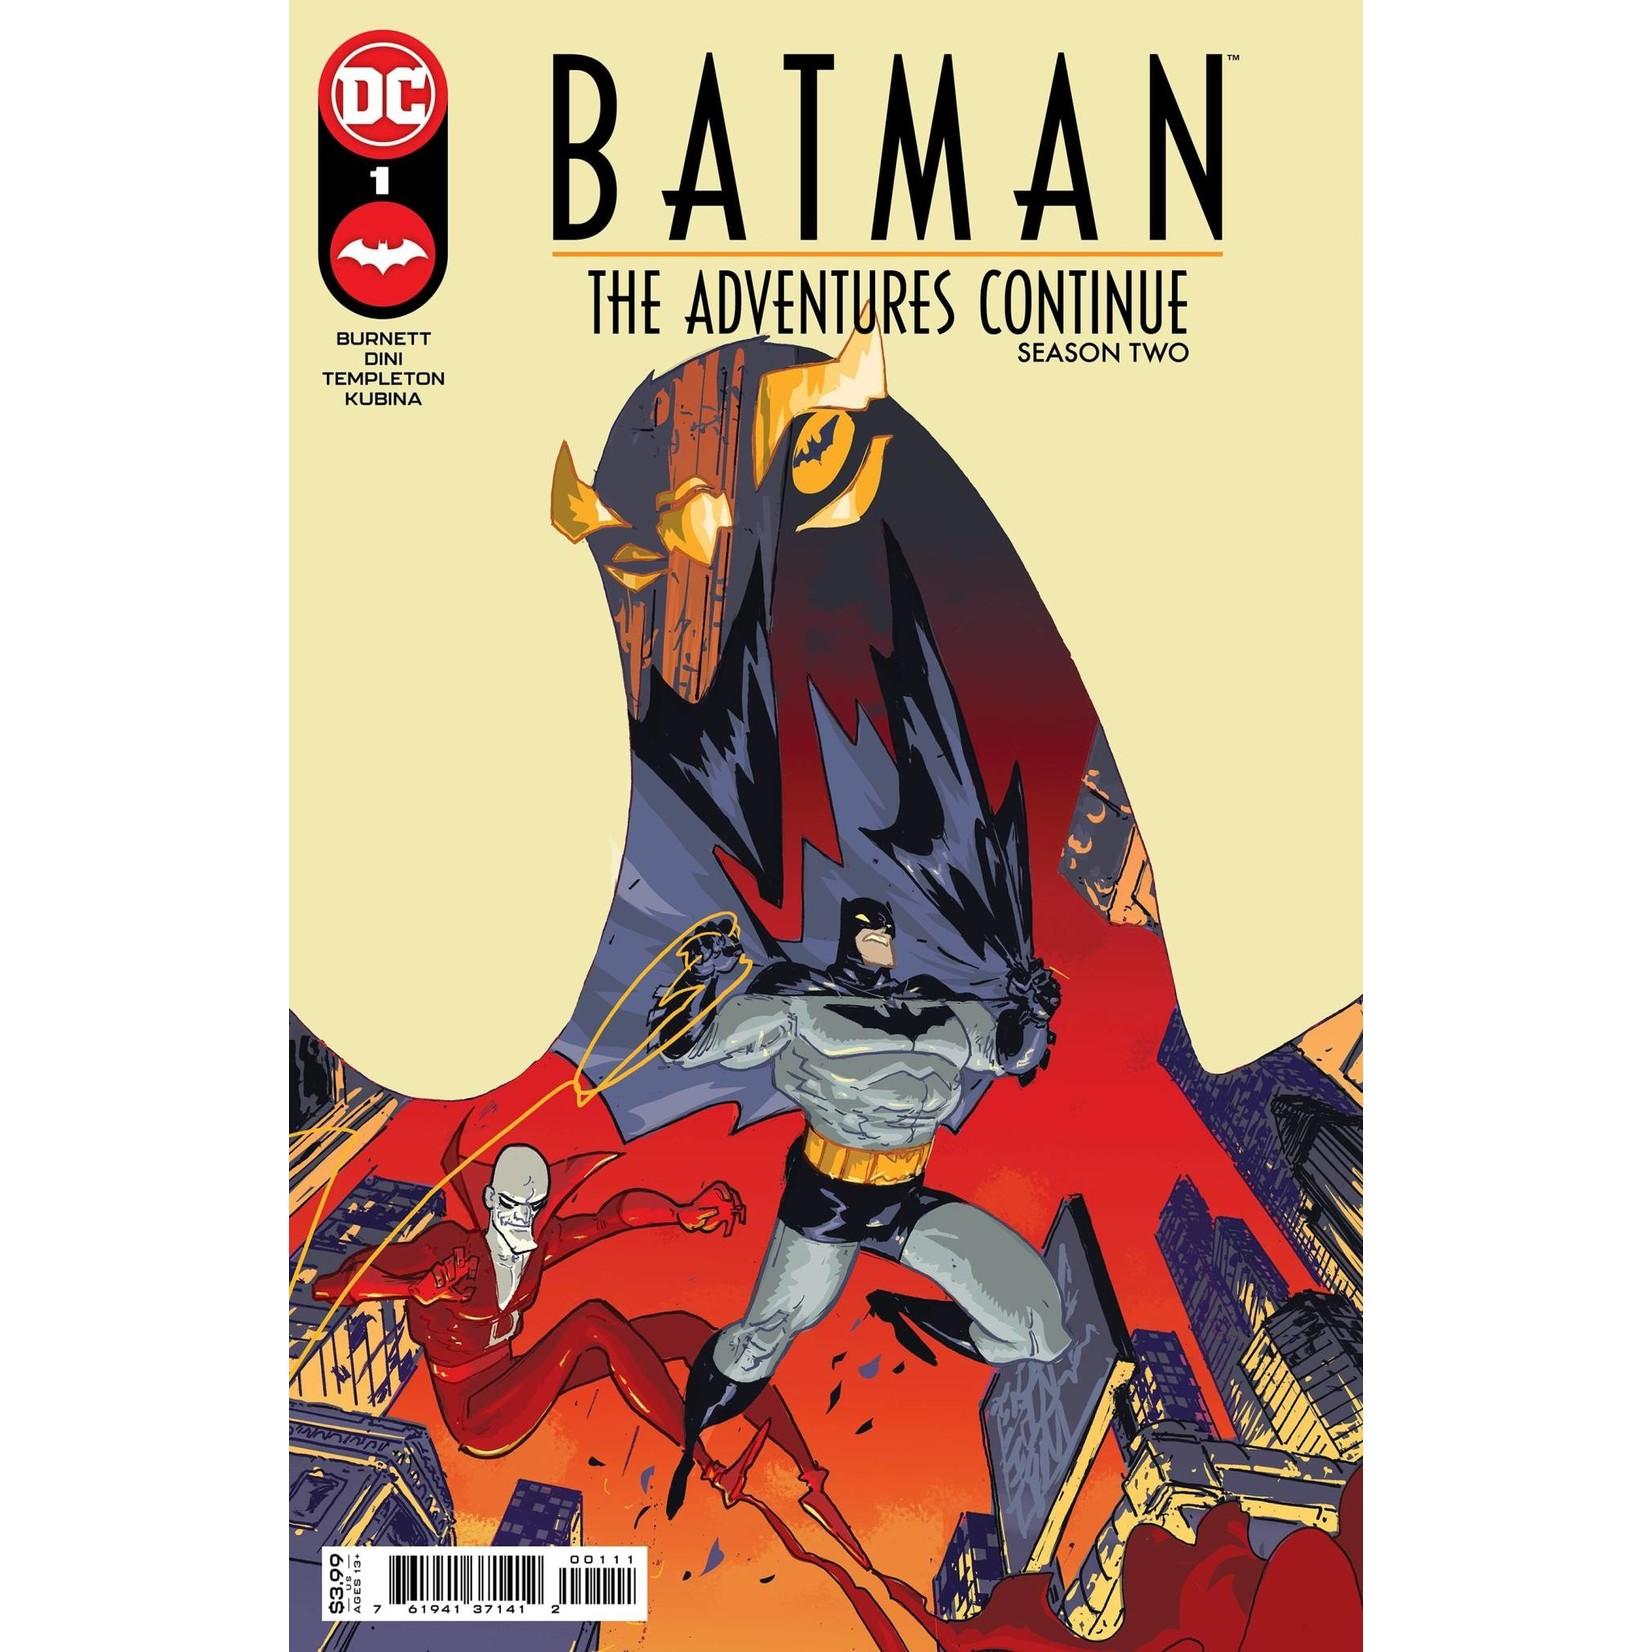 DC Comics BATMAN THE ADVENTURES CONTINUE SEASON II #1 CVR A